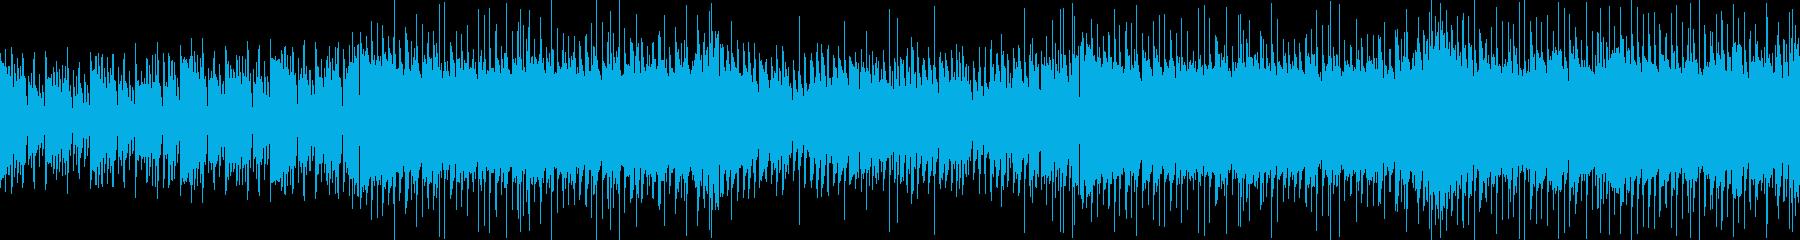 夏のイベントにわくわくする生演奏ウクレレの再生済みの波形